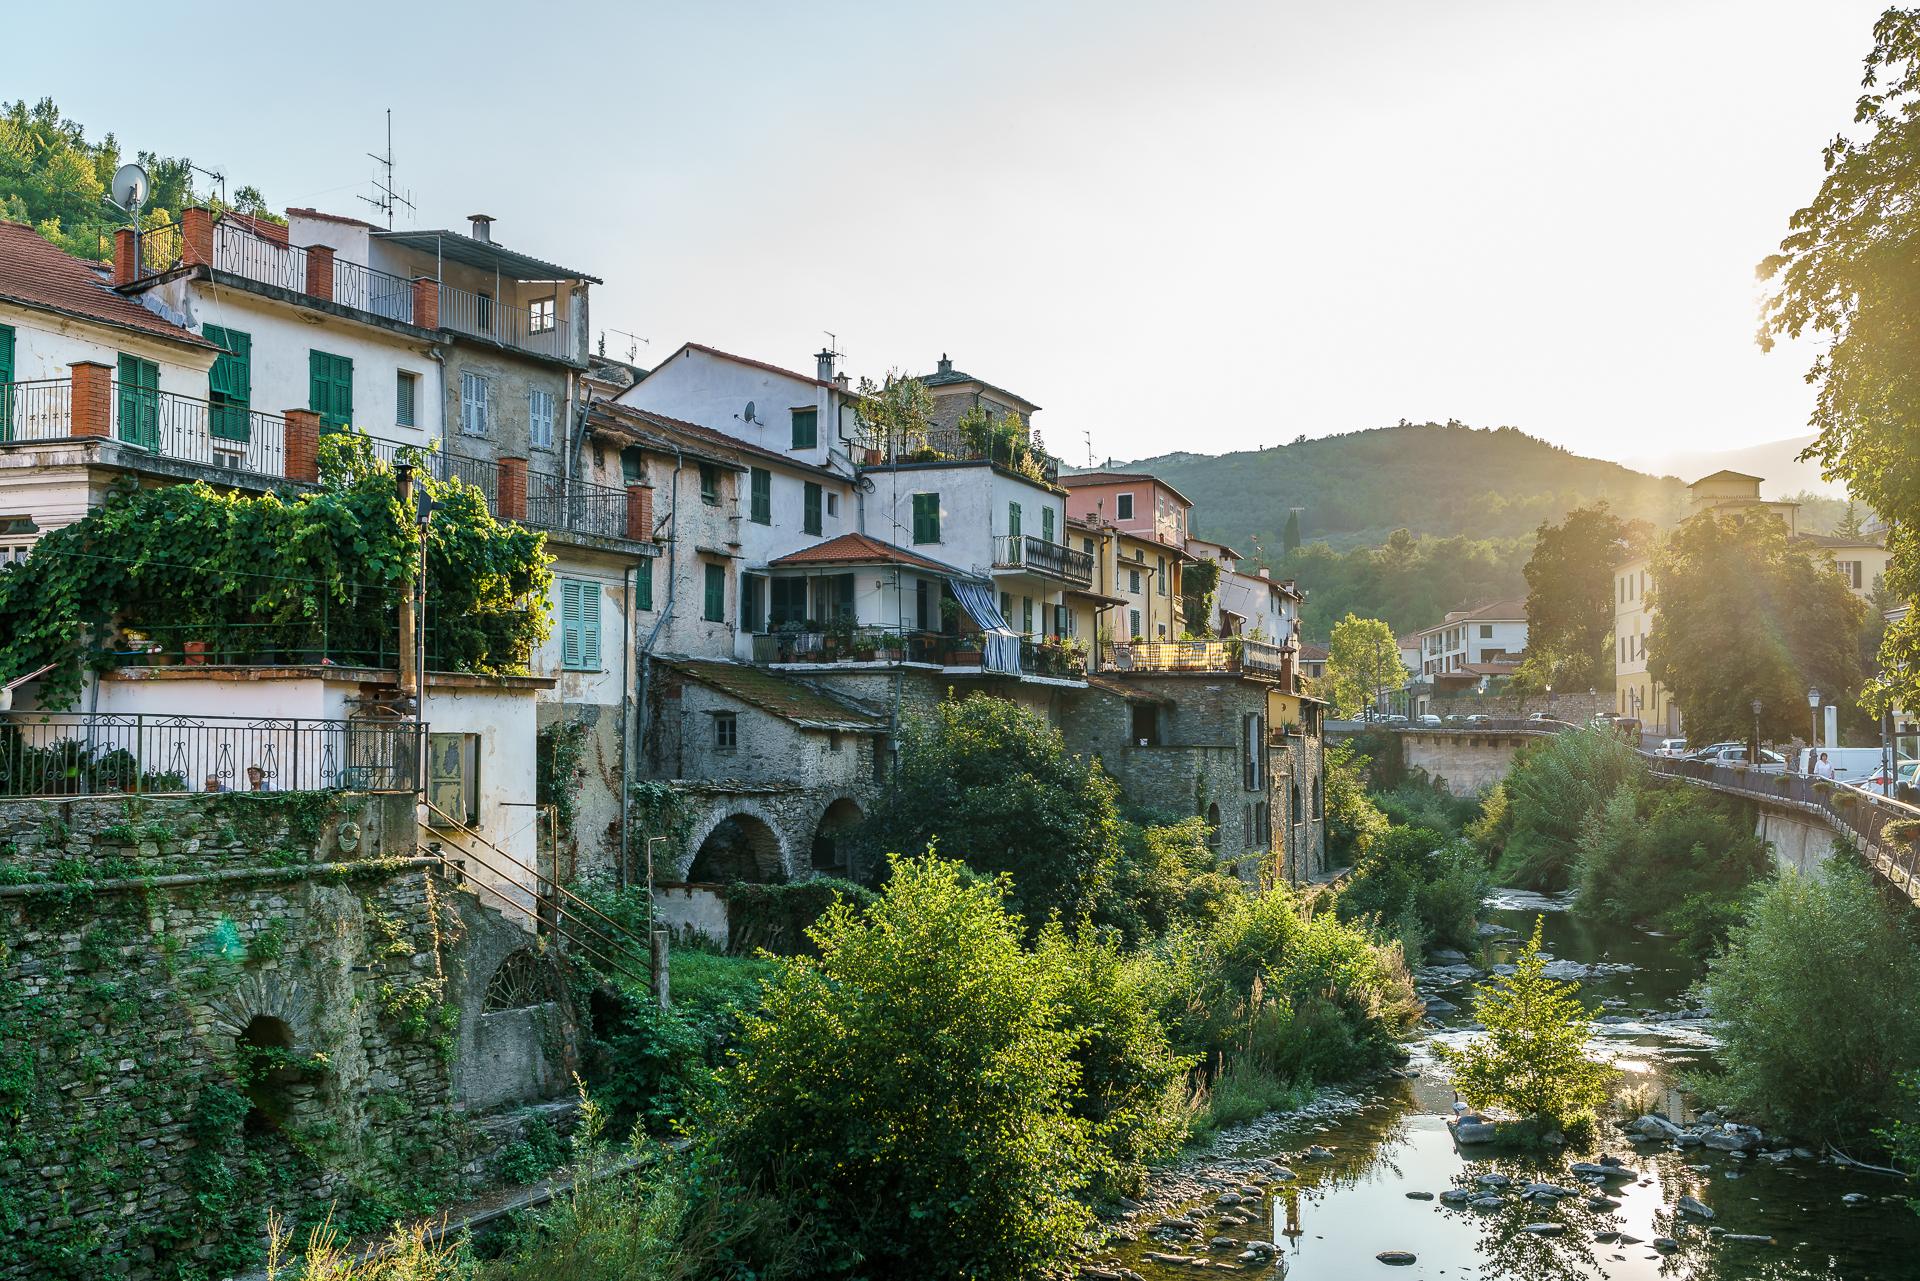 borgomaro-riviera-dei-fiori